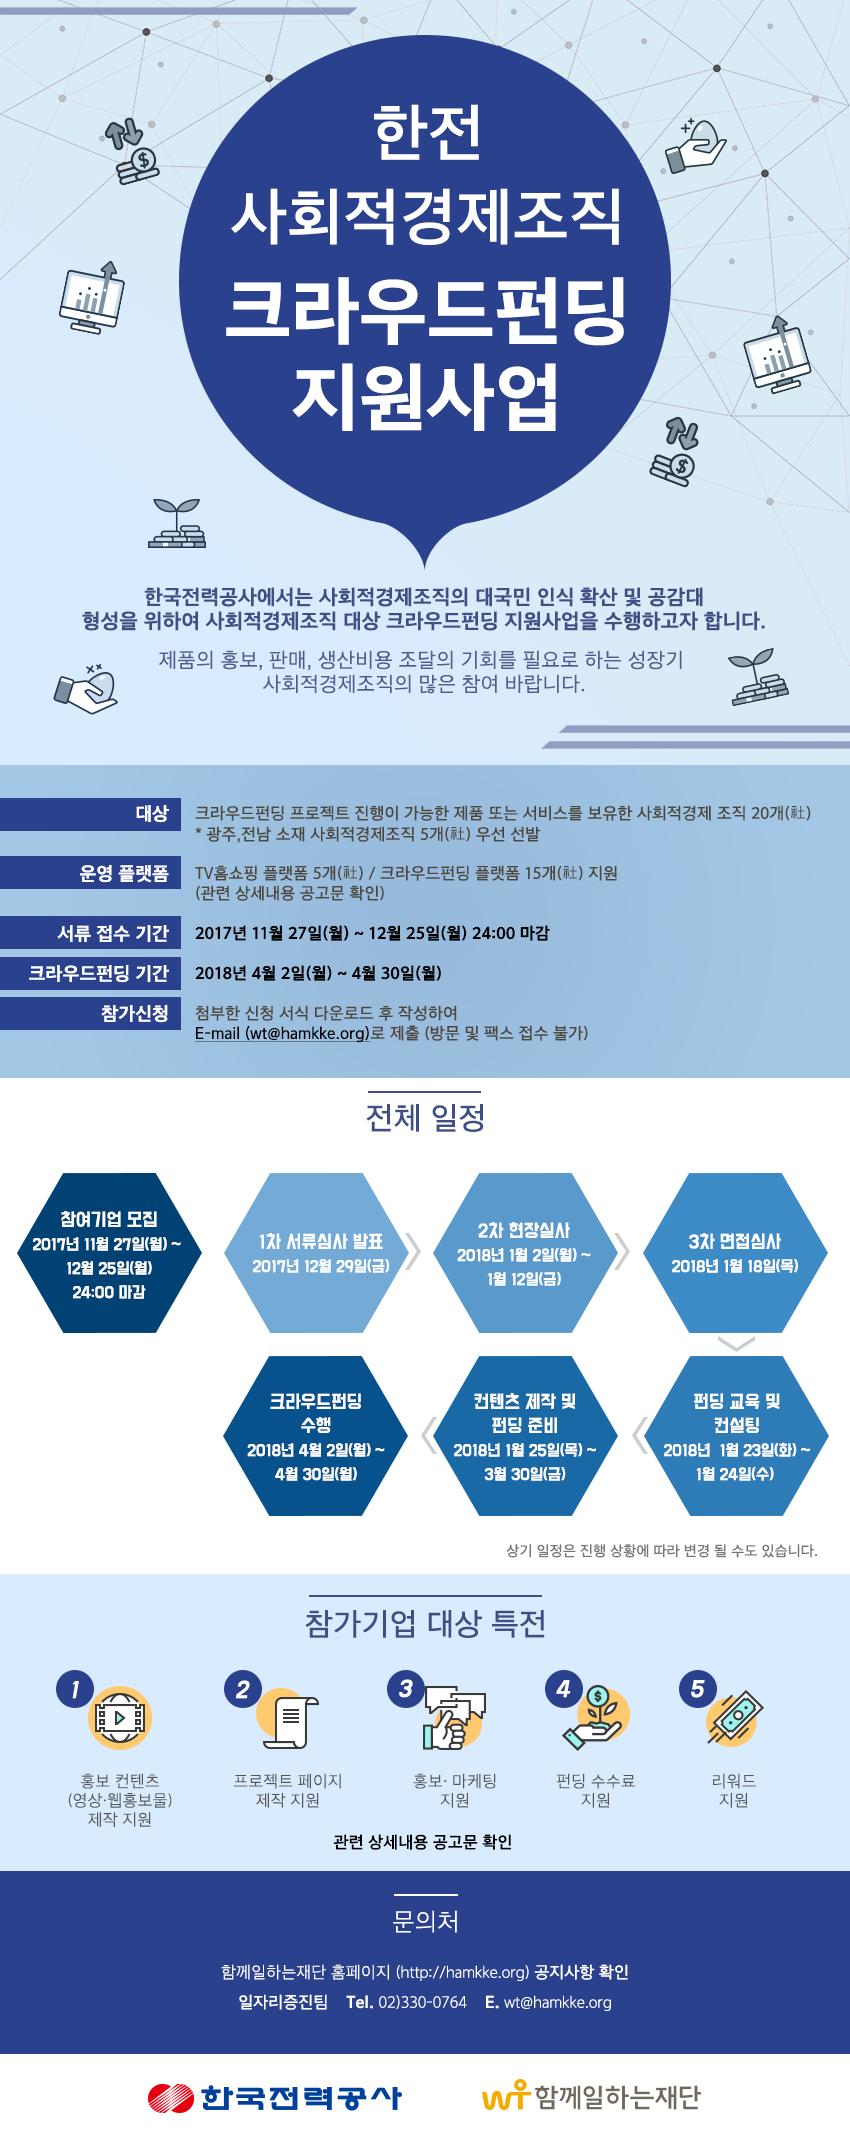 외부기관공지   [함께일하는재단] 한전 사회적경제조직 크라우드펀딩 지원사업 (~12/25)